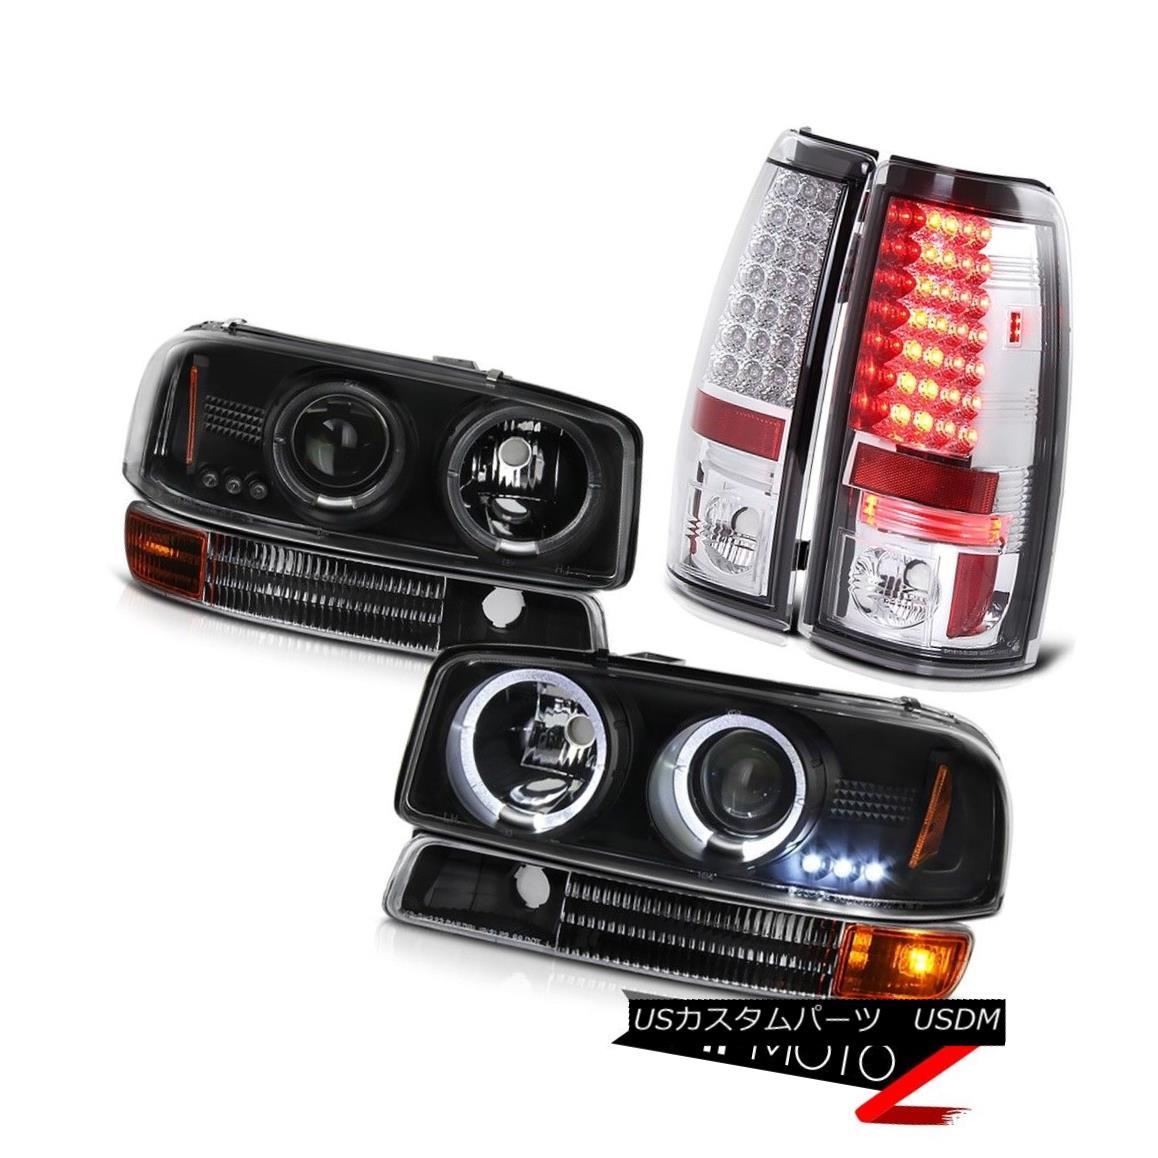 テールライト 2004-2006 GMC GMT800 Matte Black Halo LED Headlight Turn Signal Brake Tail Light 2004-2006 GMC GMT800マットブラックハローLEDヘッドライトターンシグナルブレーキテールライト